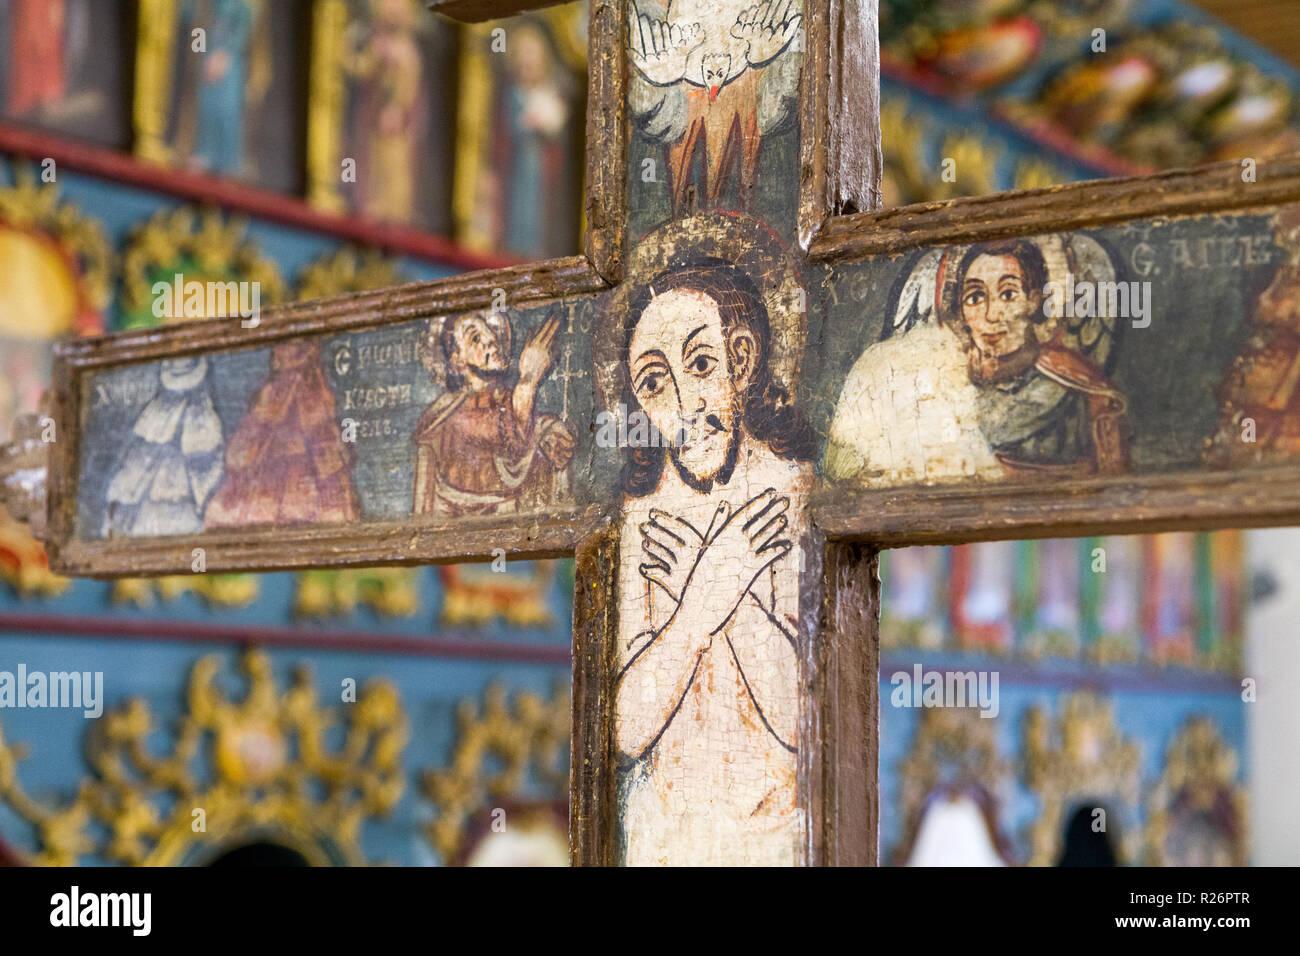 Bardejov, Slovacchia. Il 9 agosto 2018. Un'icona raffigurante crocifisso Gesù crocifisso. Da una chiesa bizantina. Attualmente in un museo di Bardejov. Immagini Stock